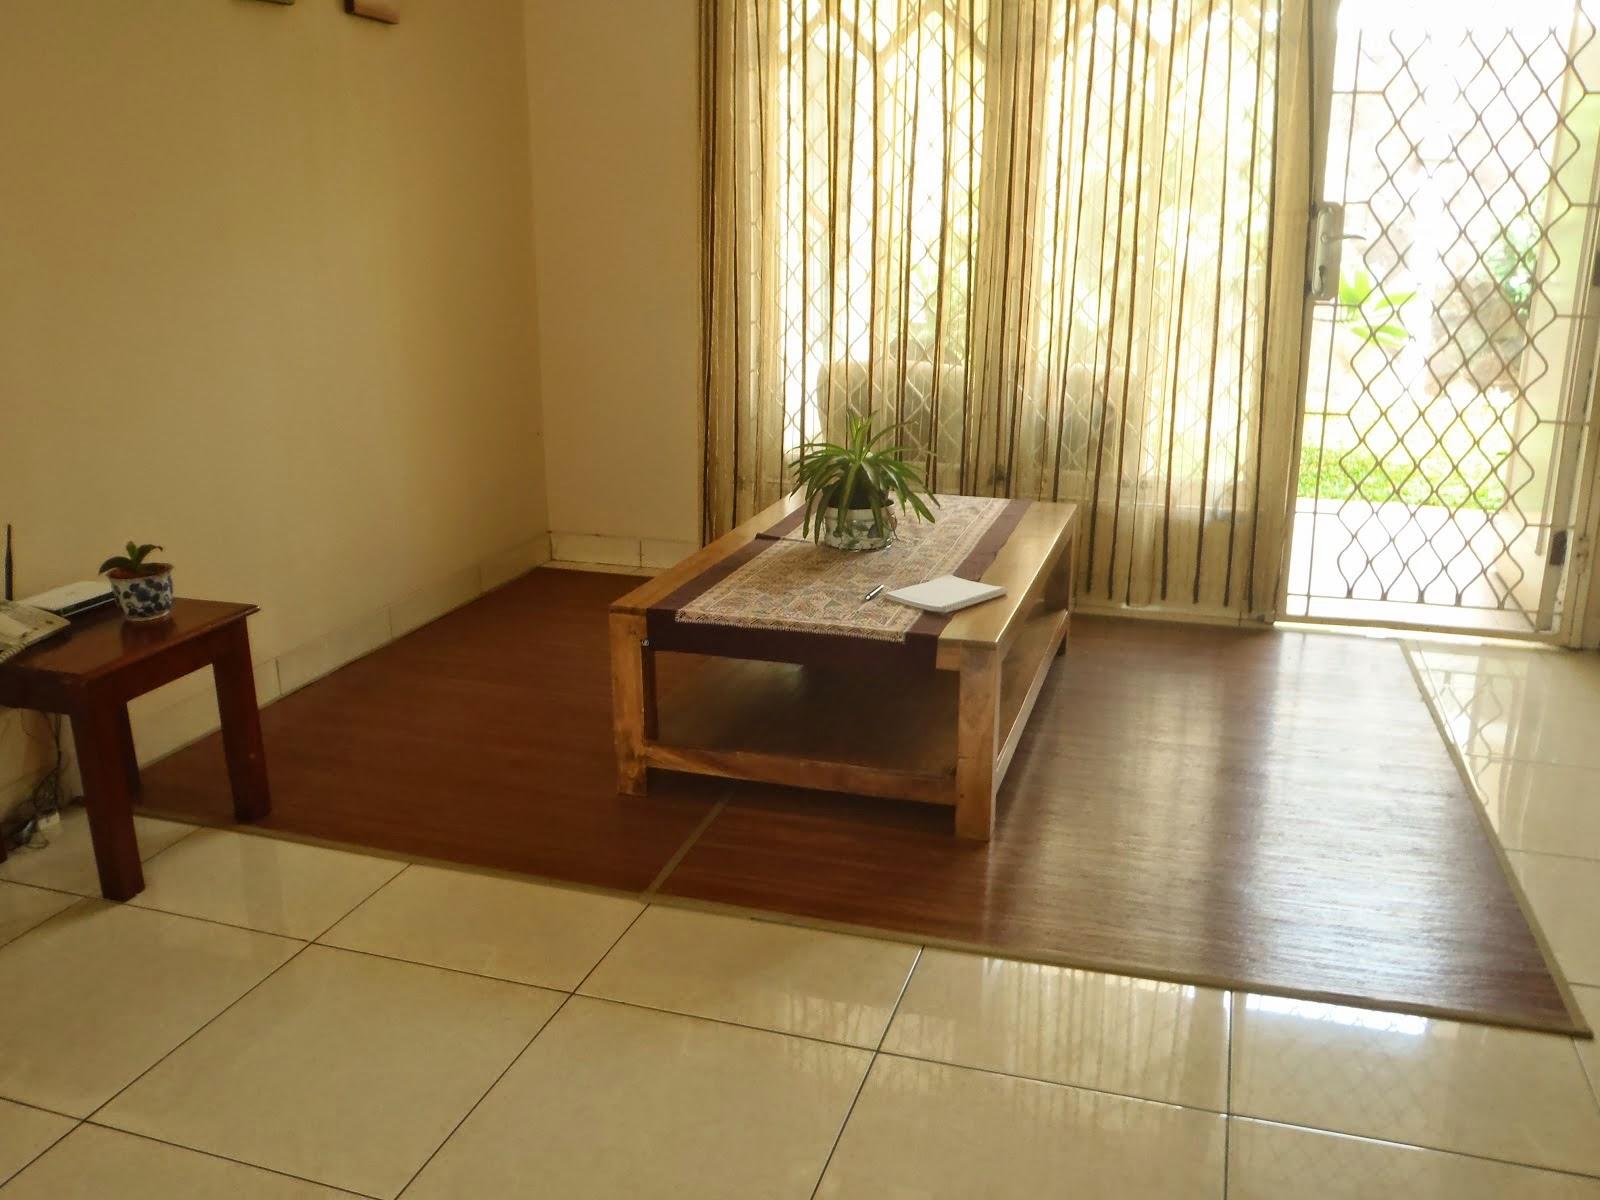 Desain Ruang Tamu Minimalis Tanpa Sofa Dekorasi Rumah 123